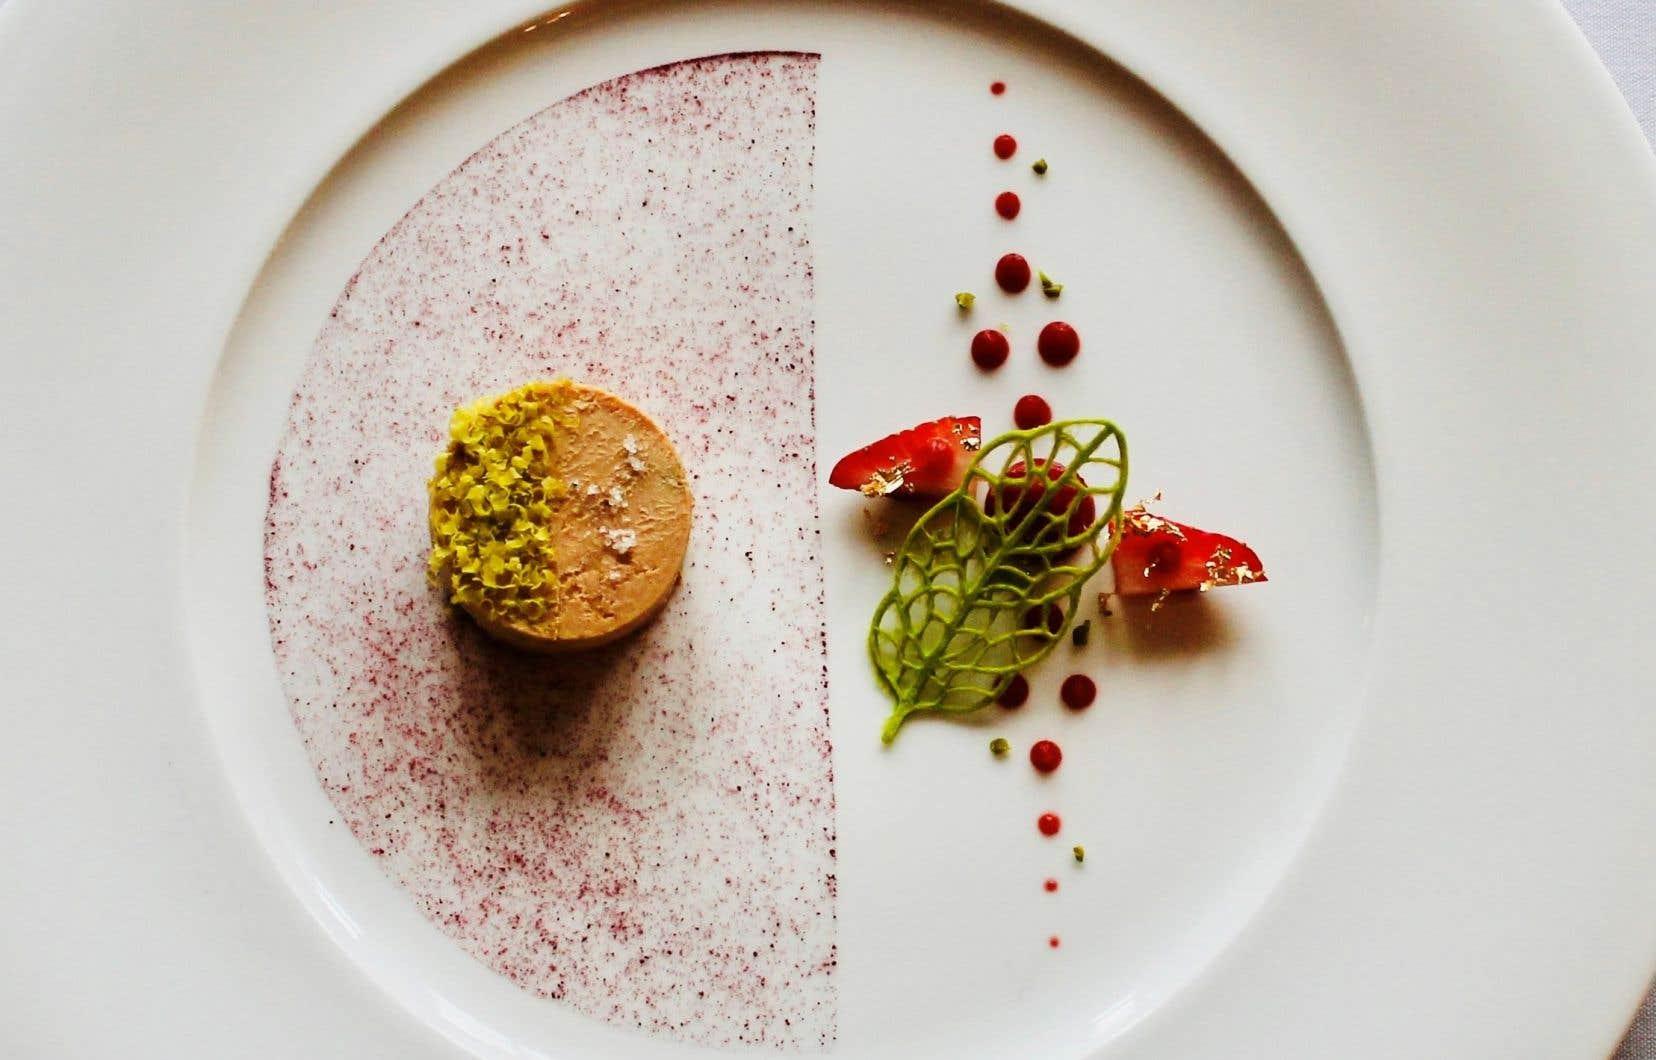 Un foie gras préparé par le chef Éric Gonzalez, qui dirige depuis un an les cuisines du luxueux Manoir StoneHaven, à Sainte-Agathe.